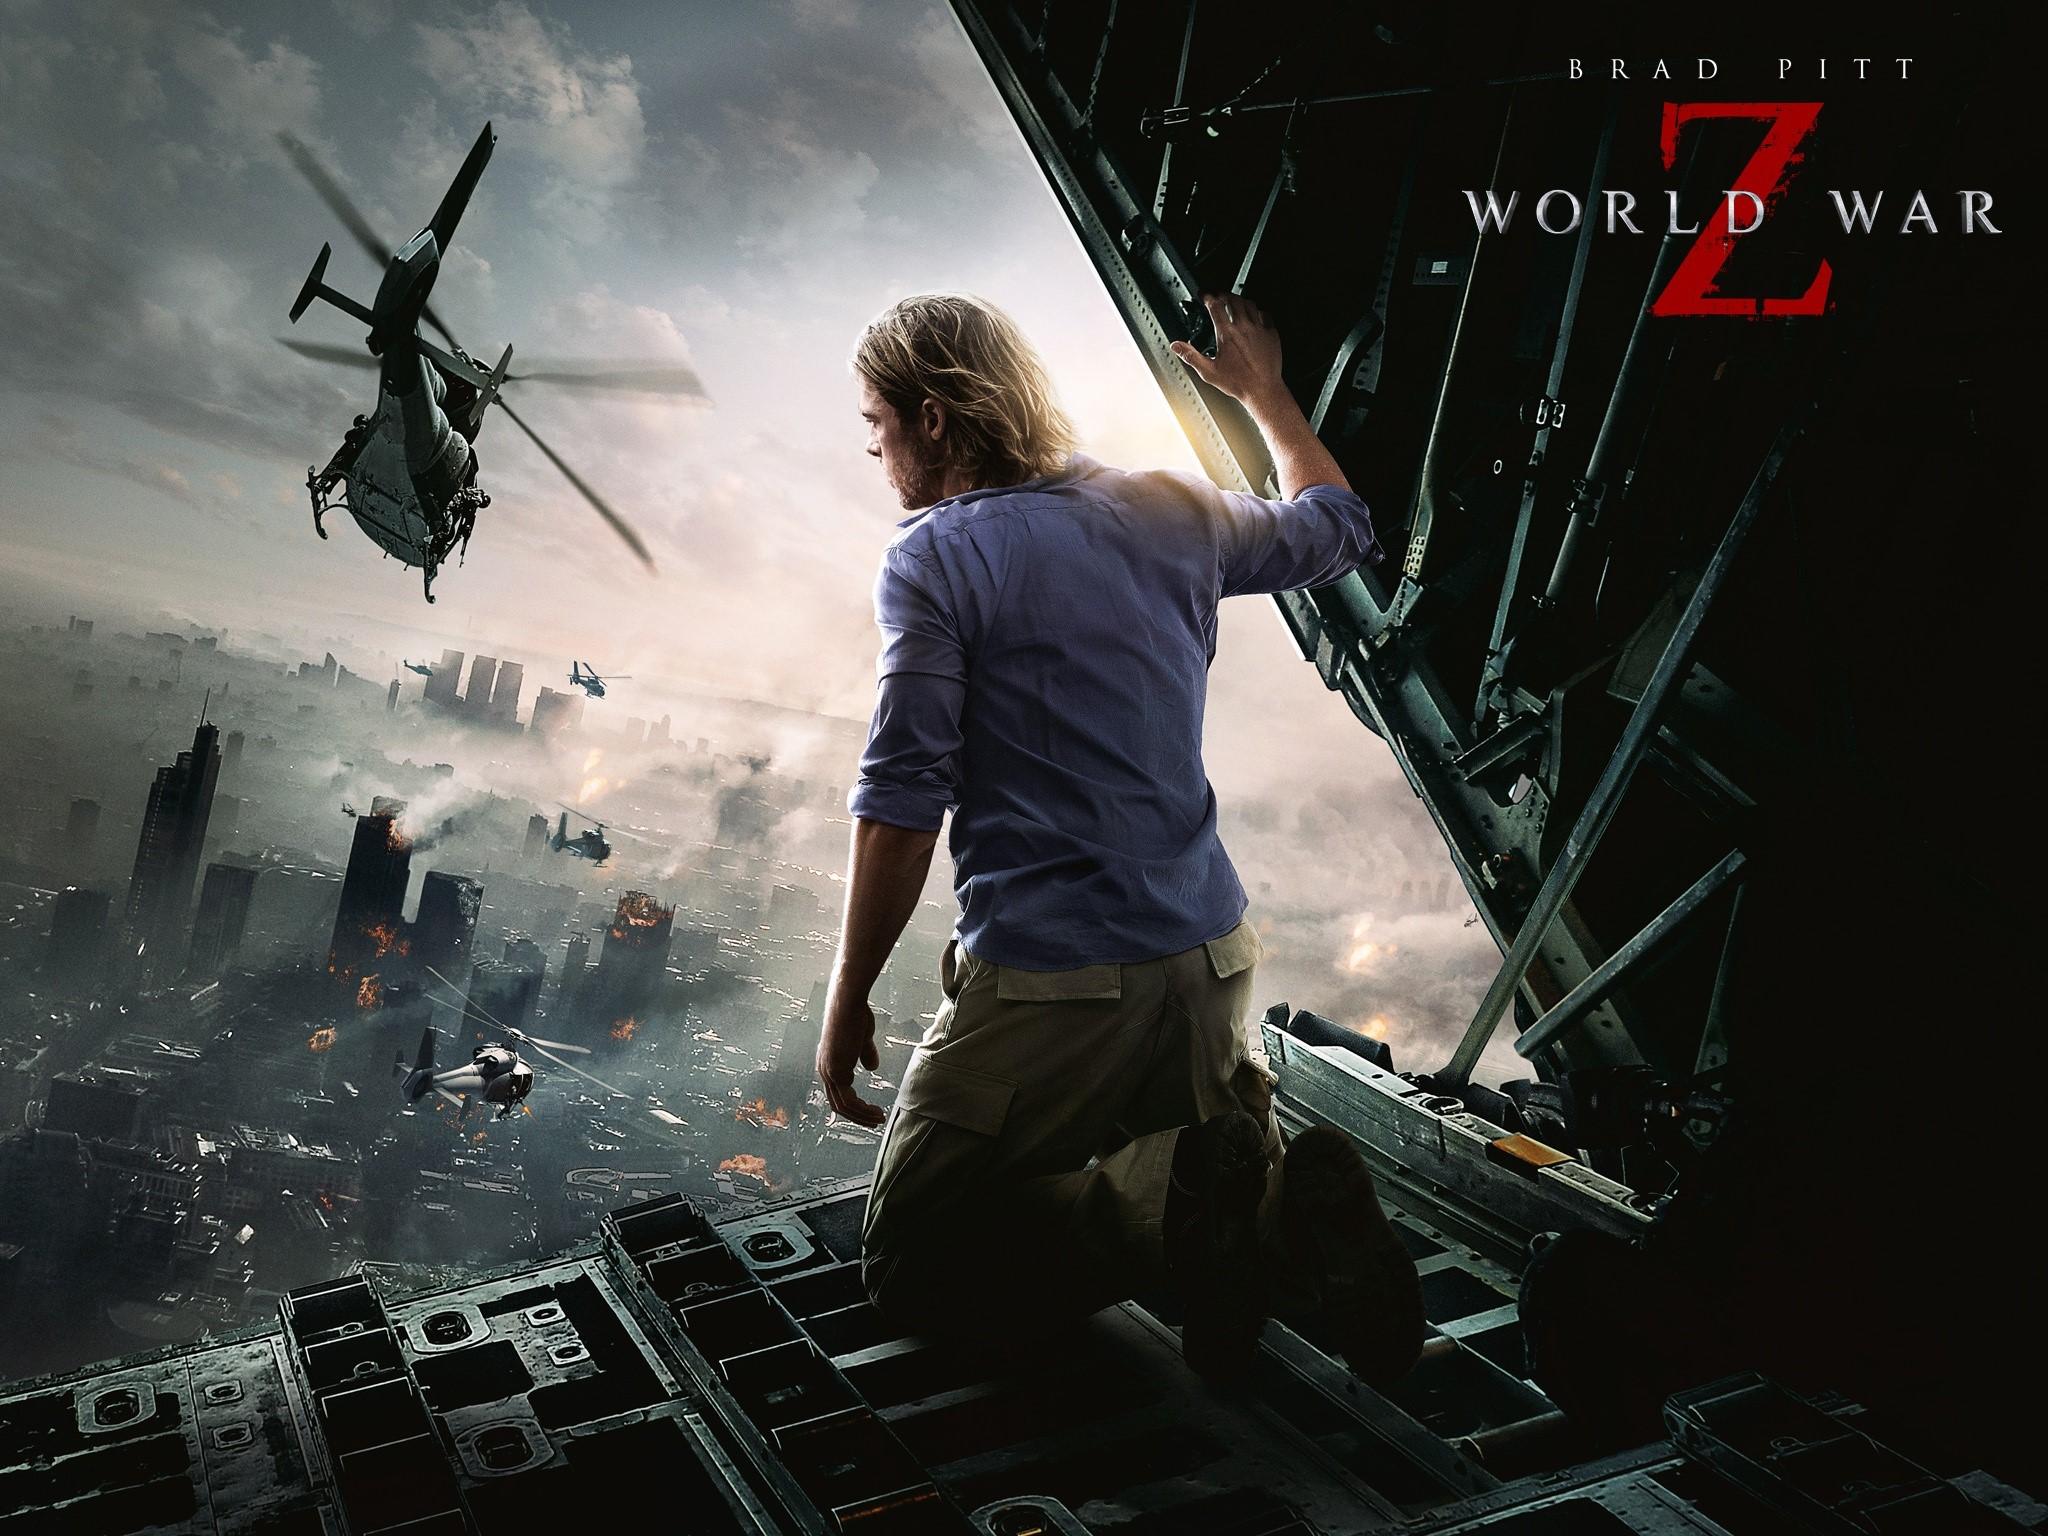 Fondos de pantalla Brad Pitt para Guerra mundial Z